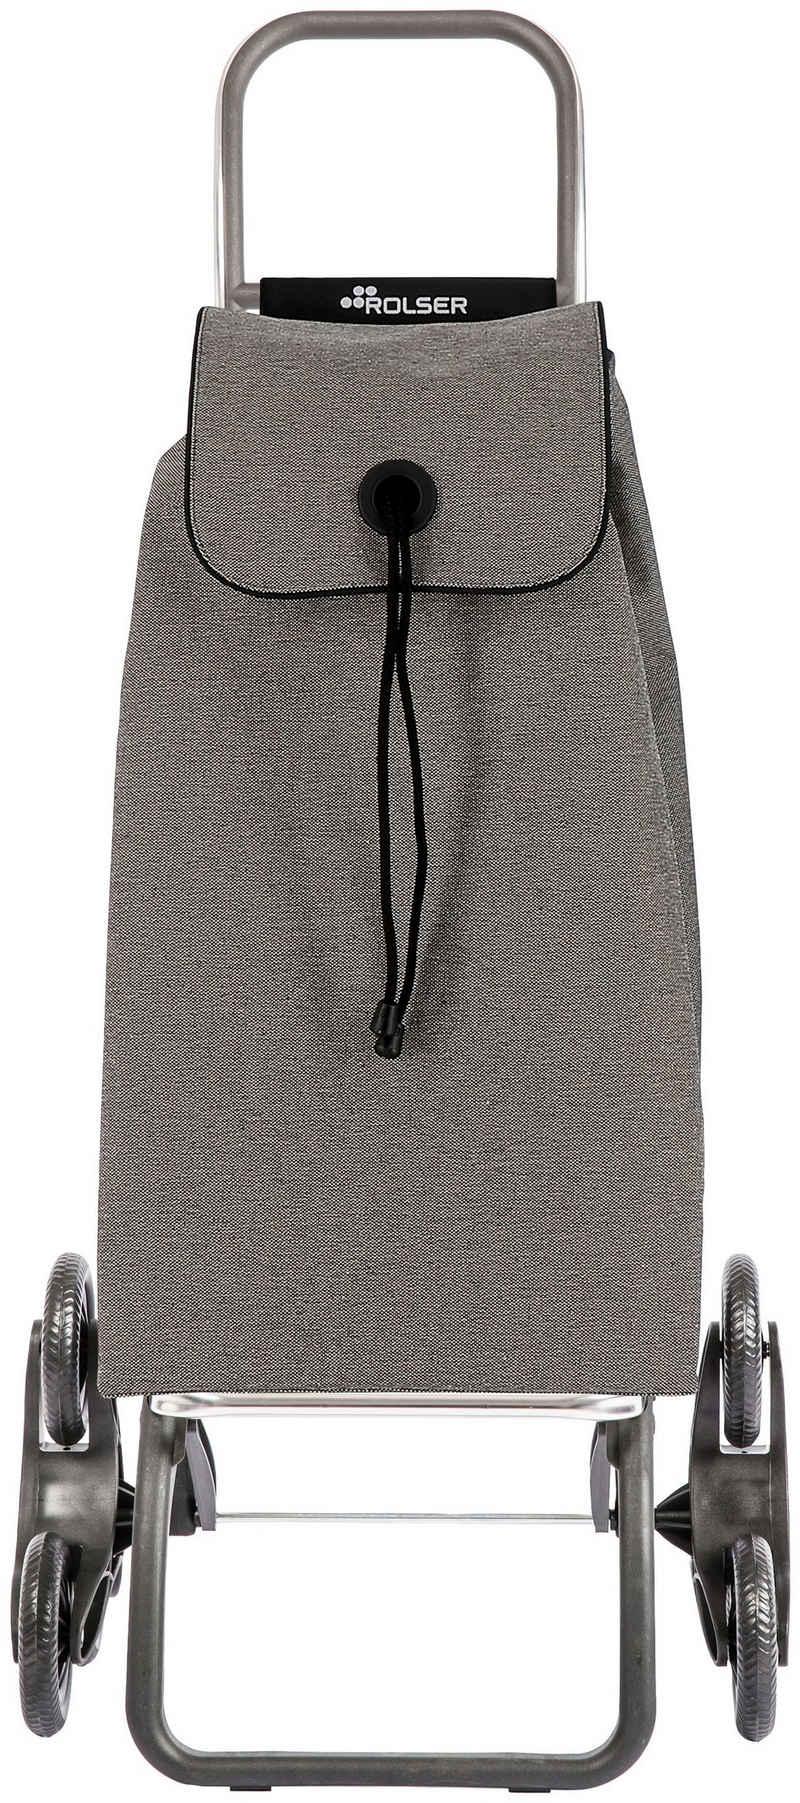 Rolser Einkaufstrolley »RD6 ECO-IMAX«, 43 l, in verschiedenen Farben, Max. Tragkraft: 50 kg, Tasche abnehmbar